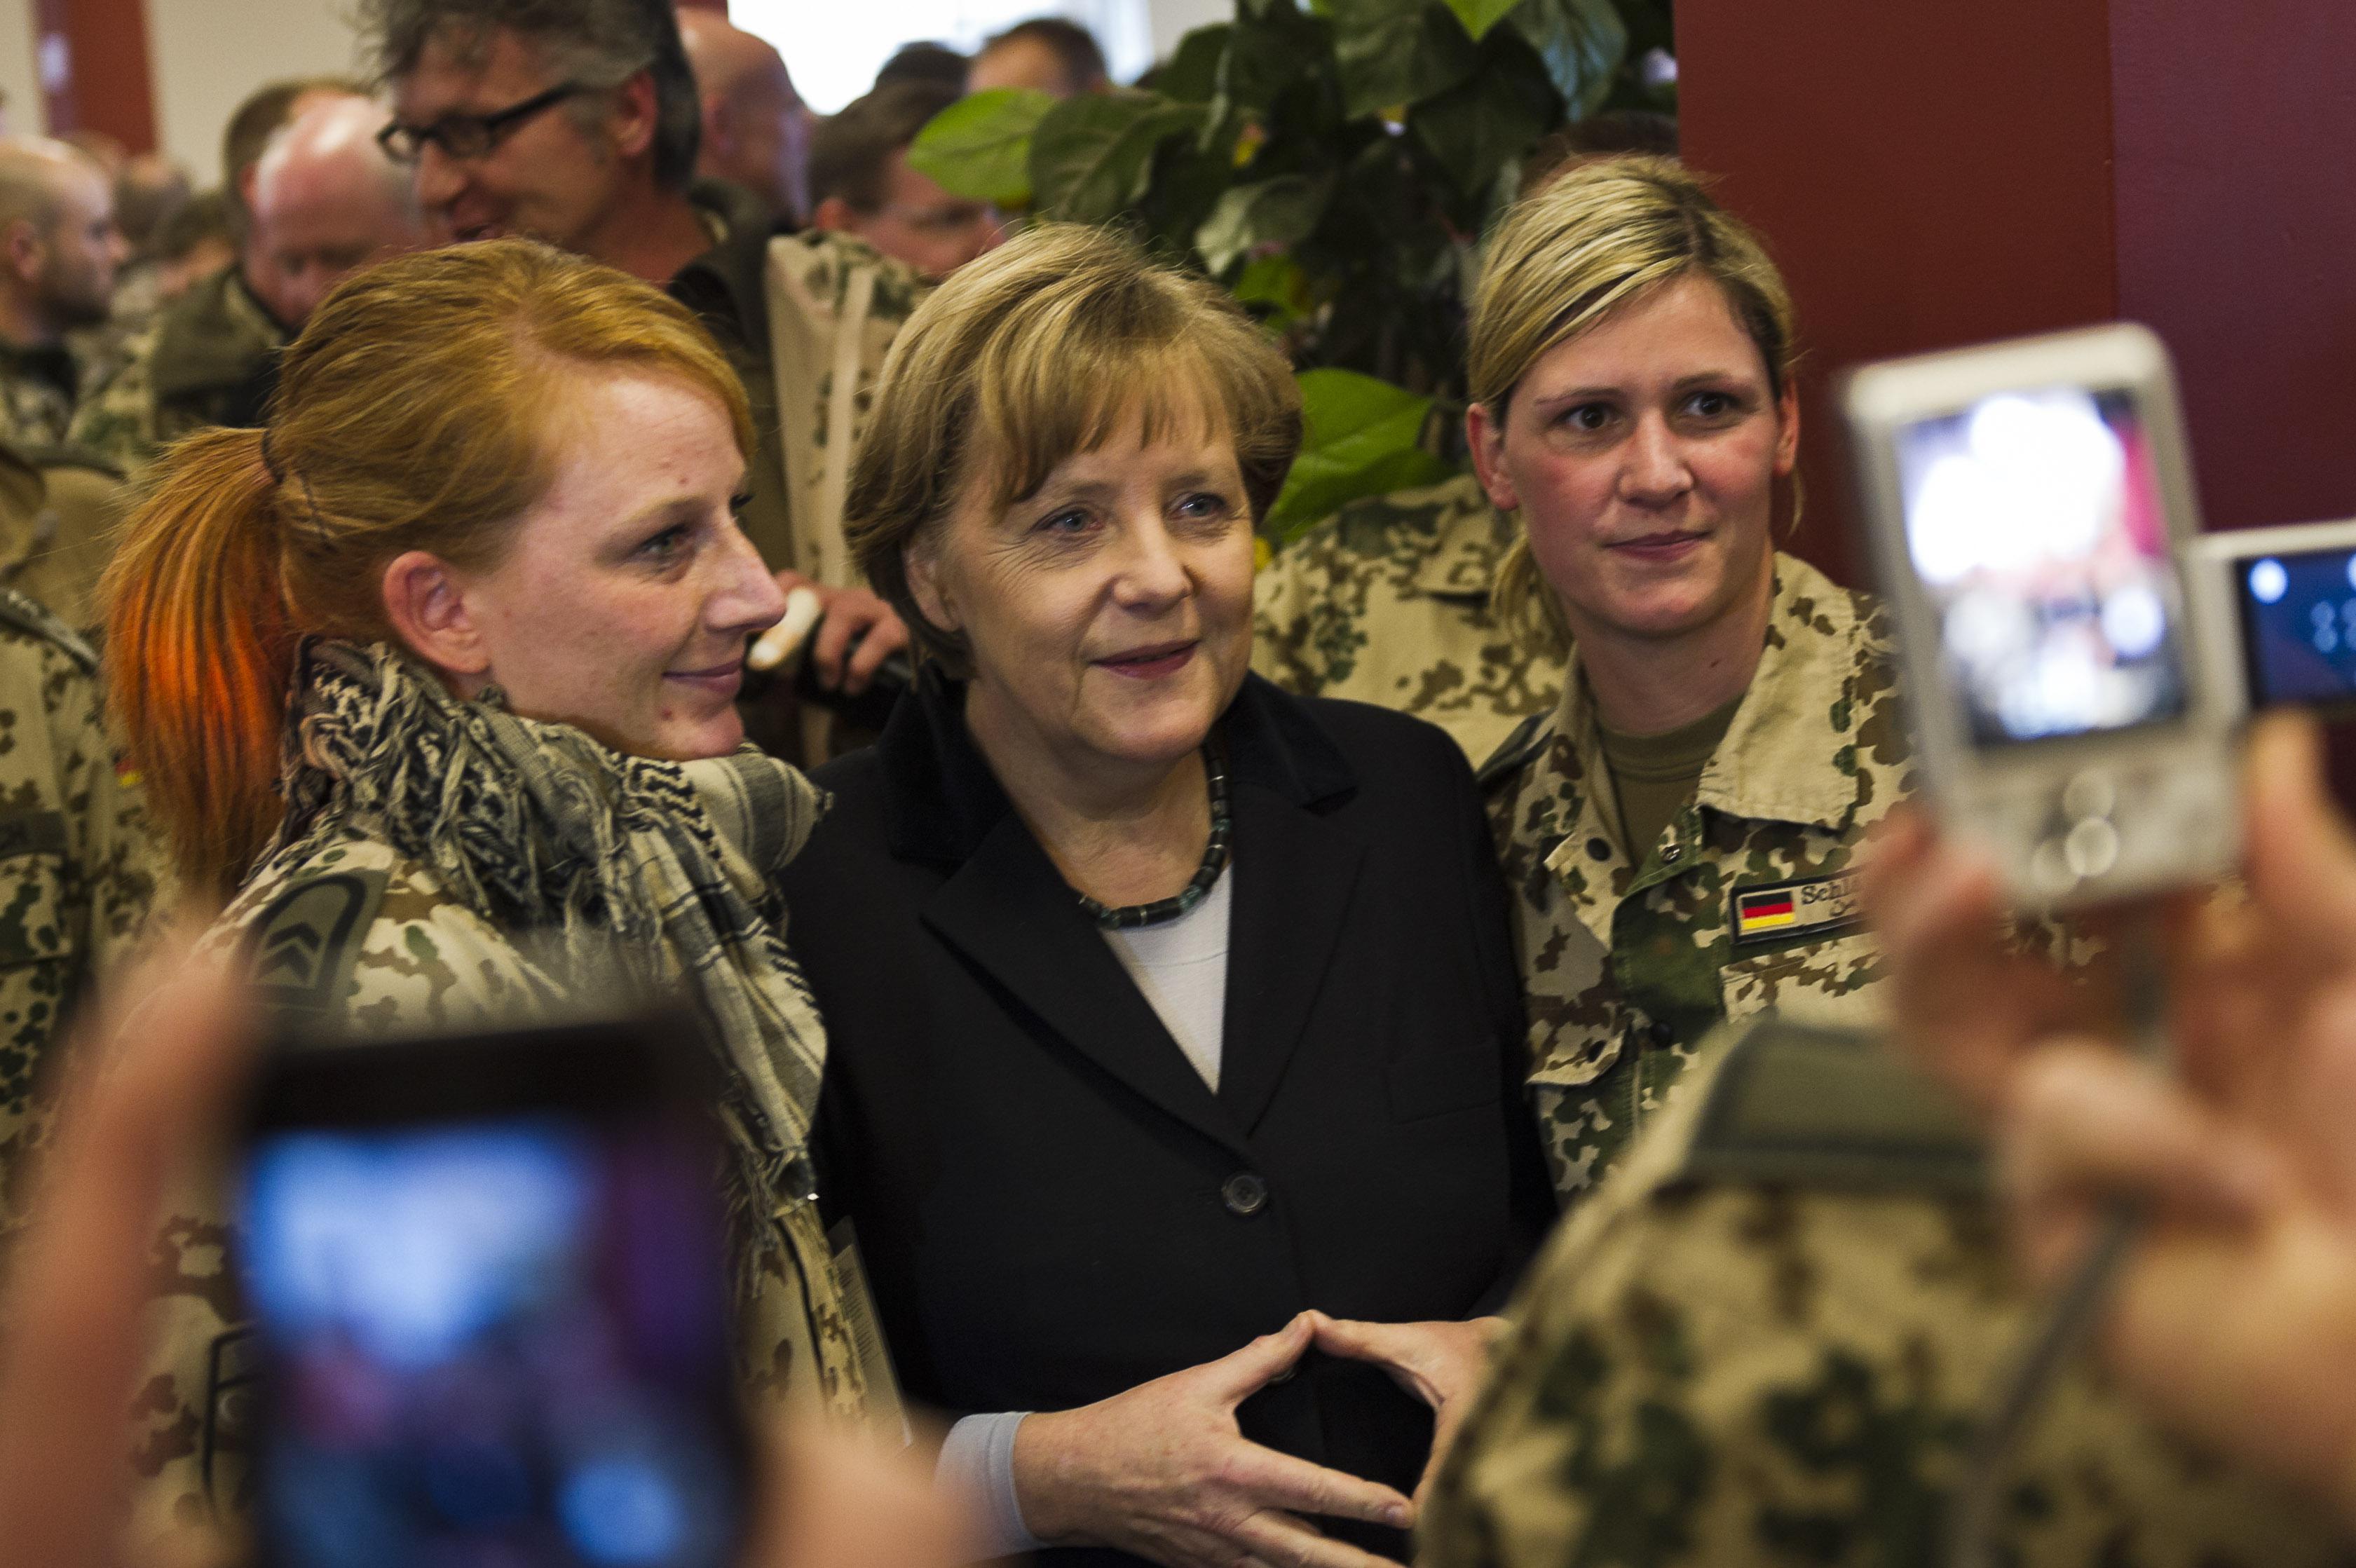 Angela Merkel meets with the Bundeswehr in Afghanistan